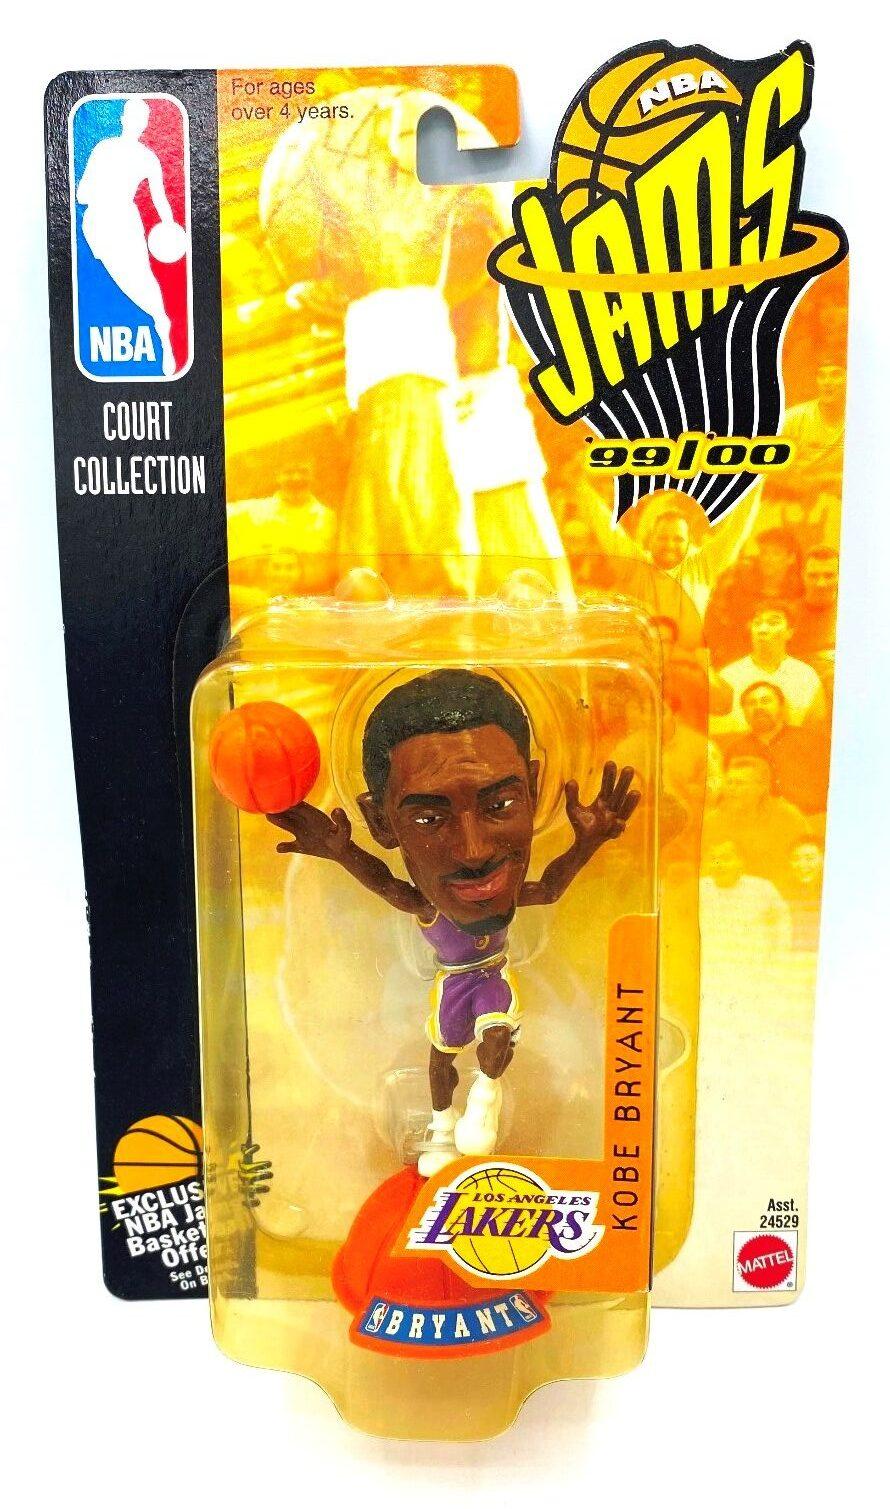 Kobe Bryant (NBA Jams '99-'00 Season) (1)